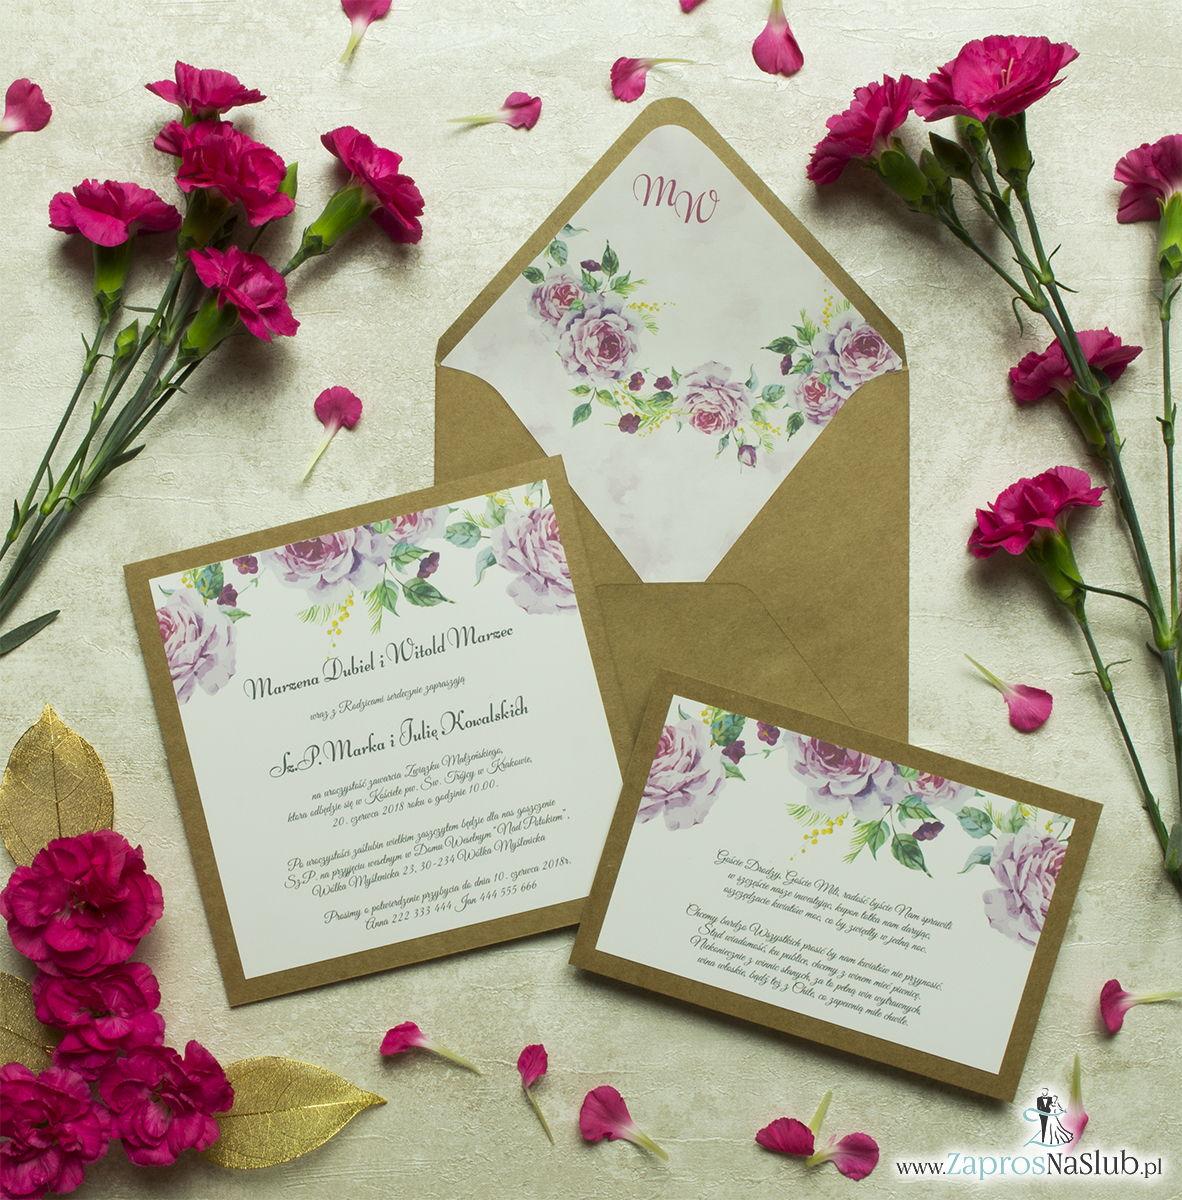 Dwuczęściowe, kwiatowe zaproszenia ślubne w stylu eko, z kwiatami oraz pąkami jasnoróżowych róż. ZAP-76-18